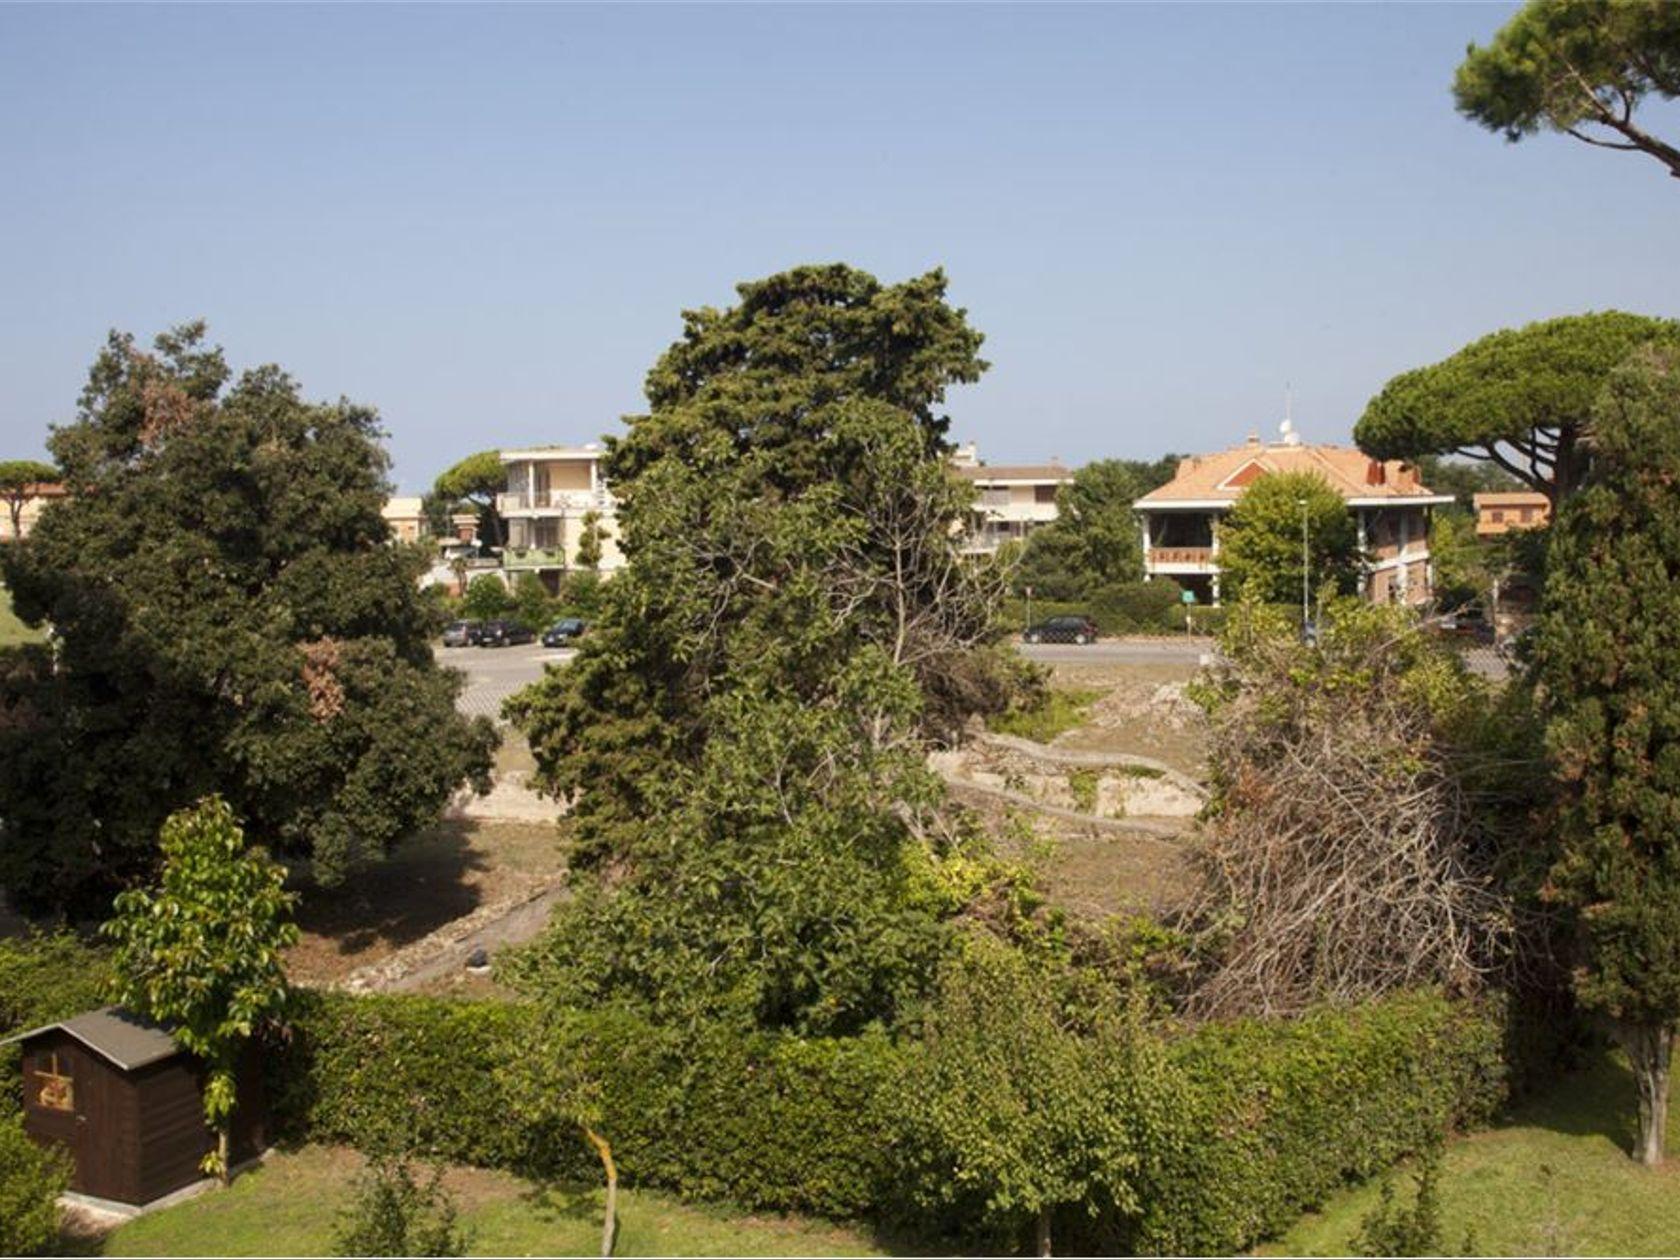 Attico/Mansarda Anzio-santa Teresa, Anzio, RM Vendita - Foto 86